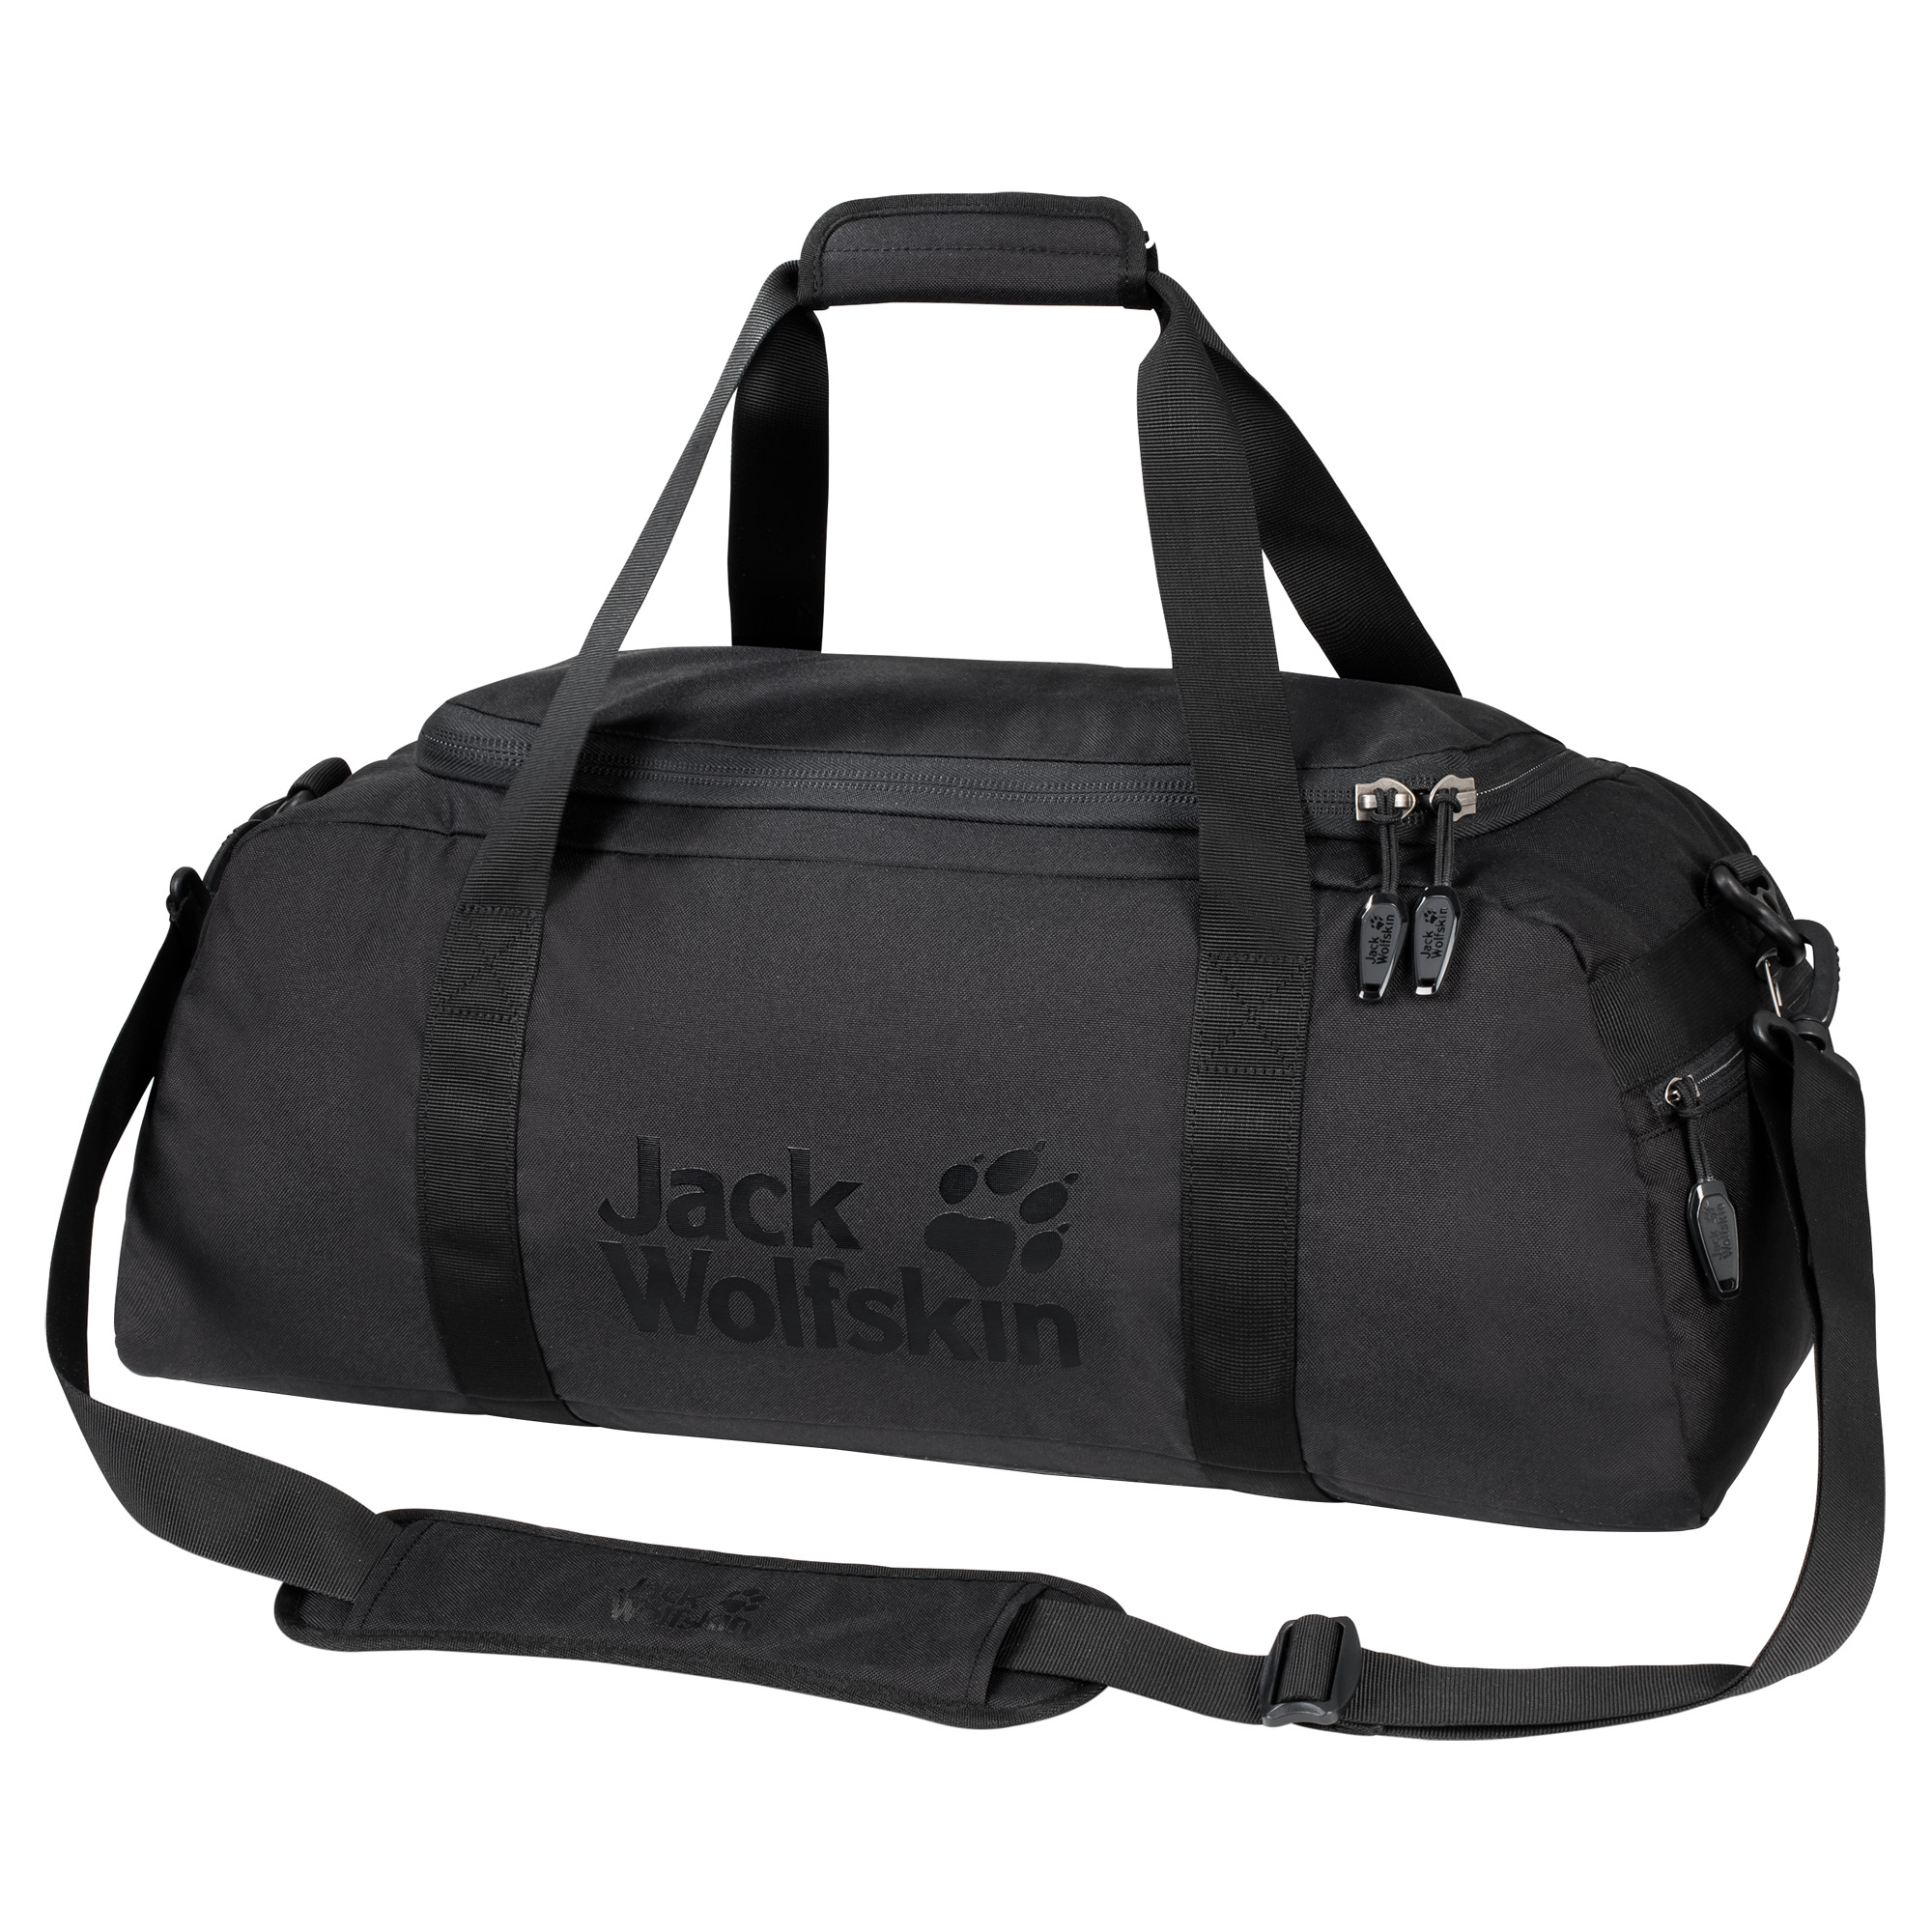 jack-wolfskin-action-bag-35-sporttasche-farbe-6000-black-